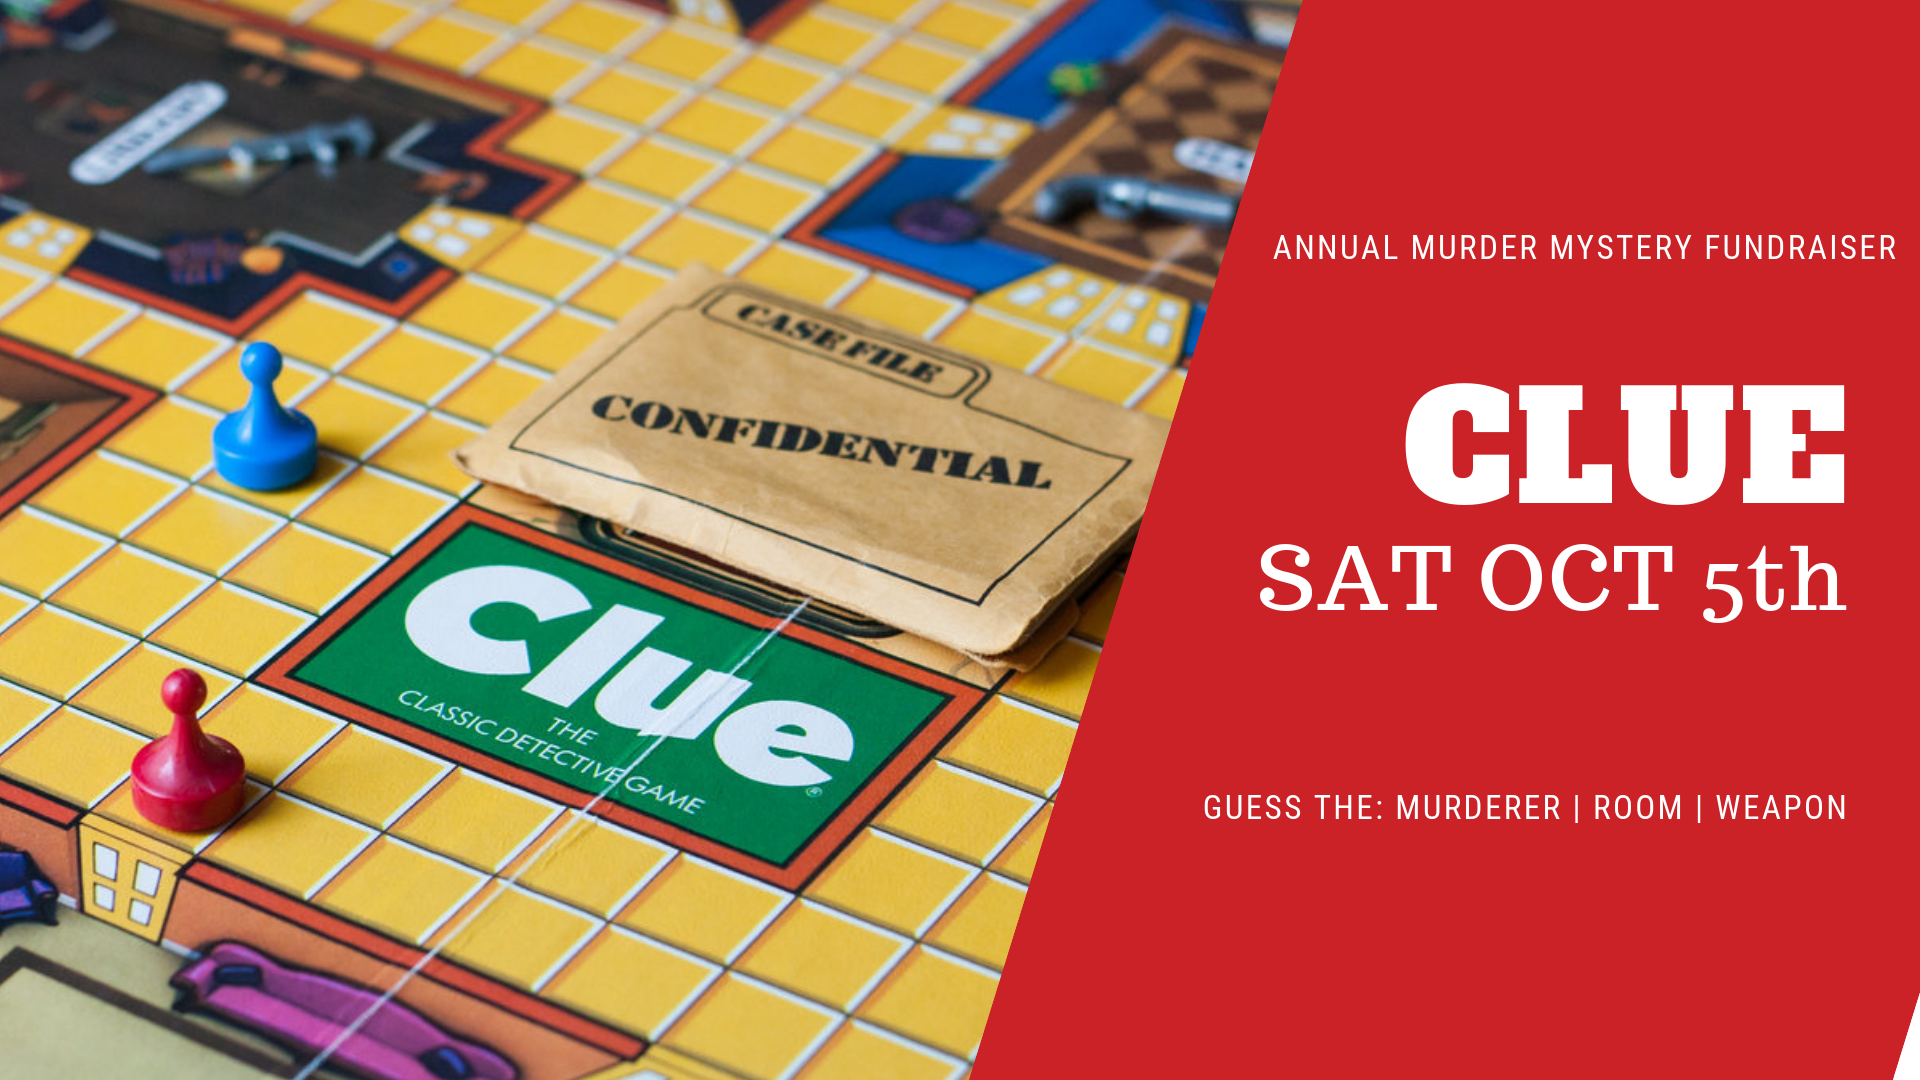 Clue FB Event